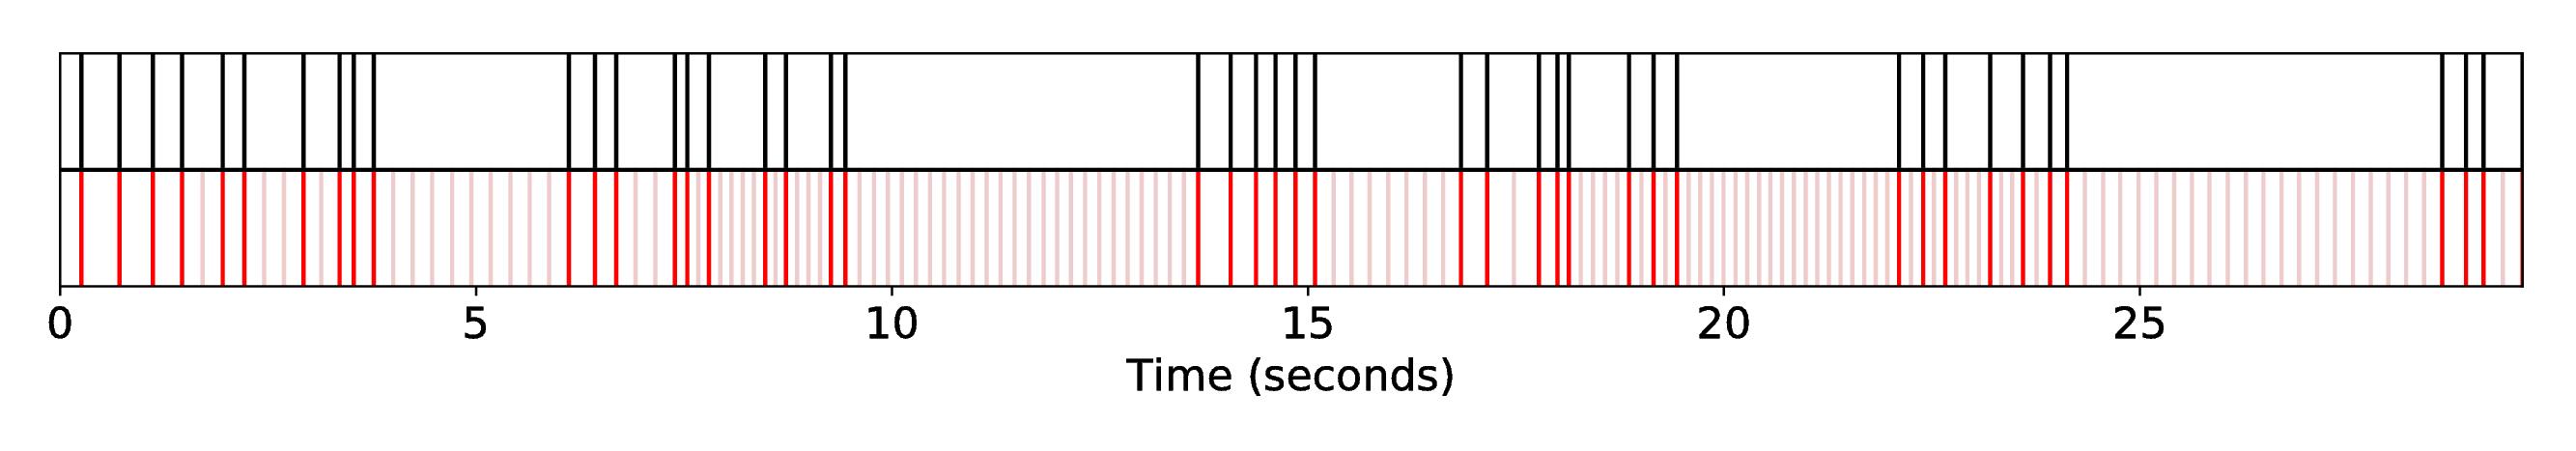 DP1_INT1_R-Syn-RaGa__S-Bach__SequenceAlignment